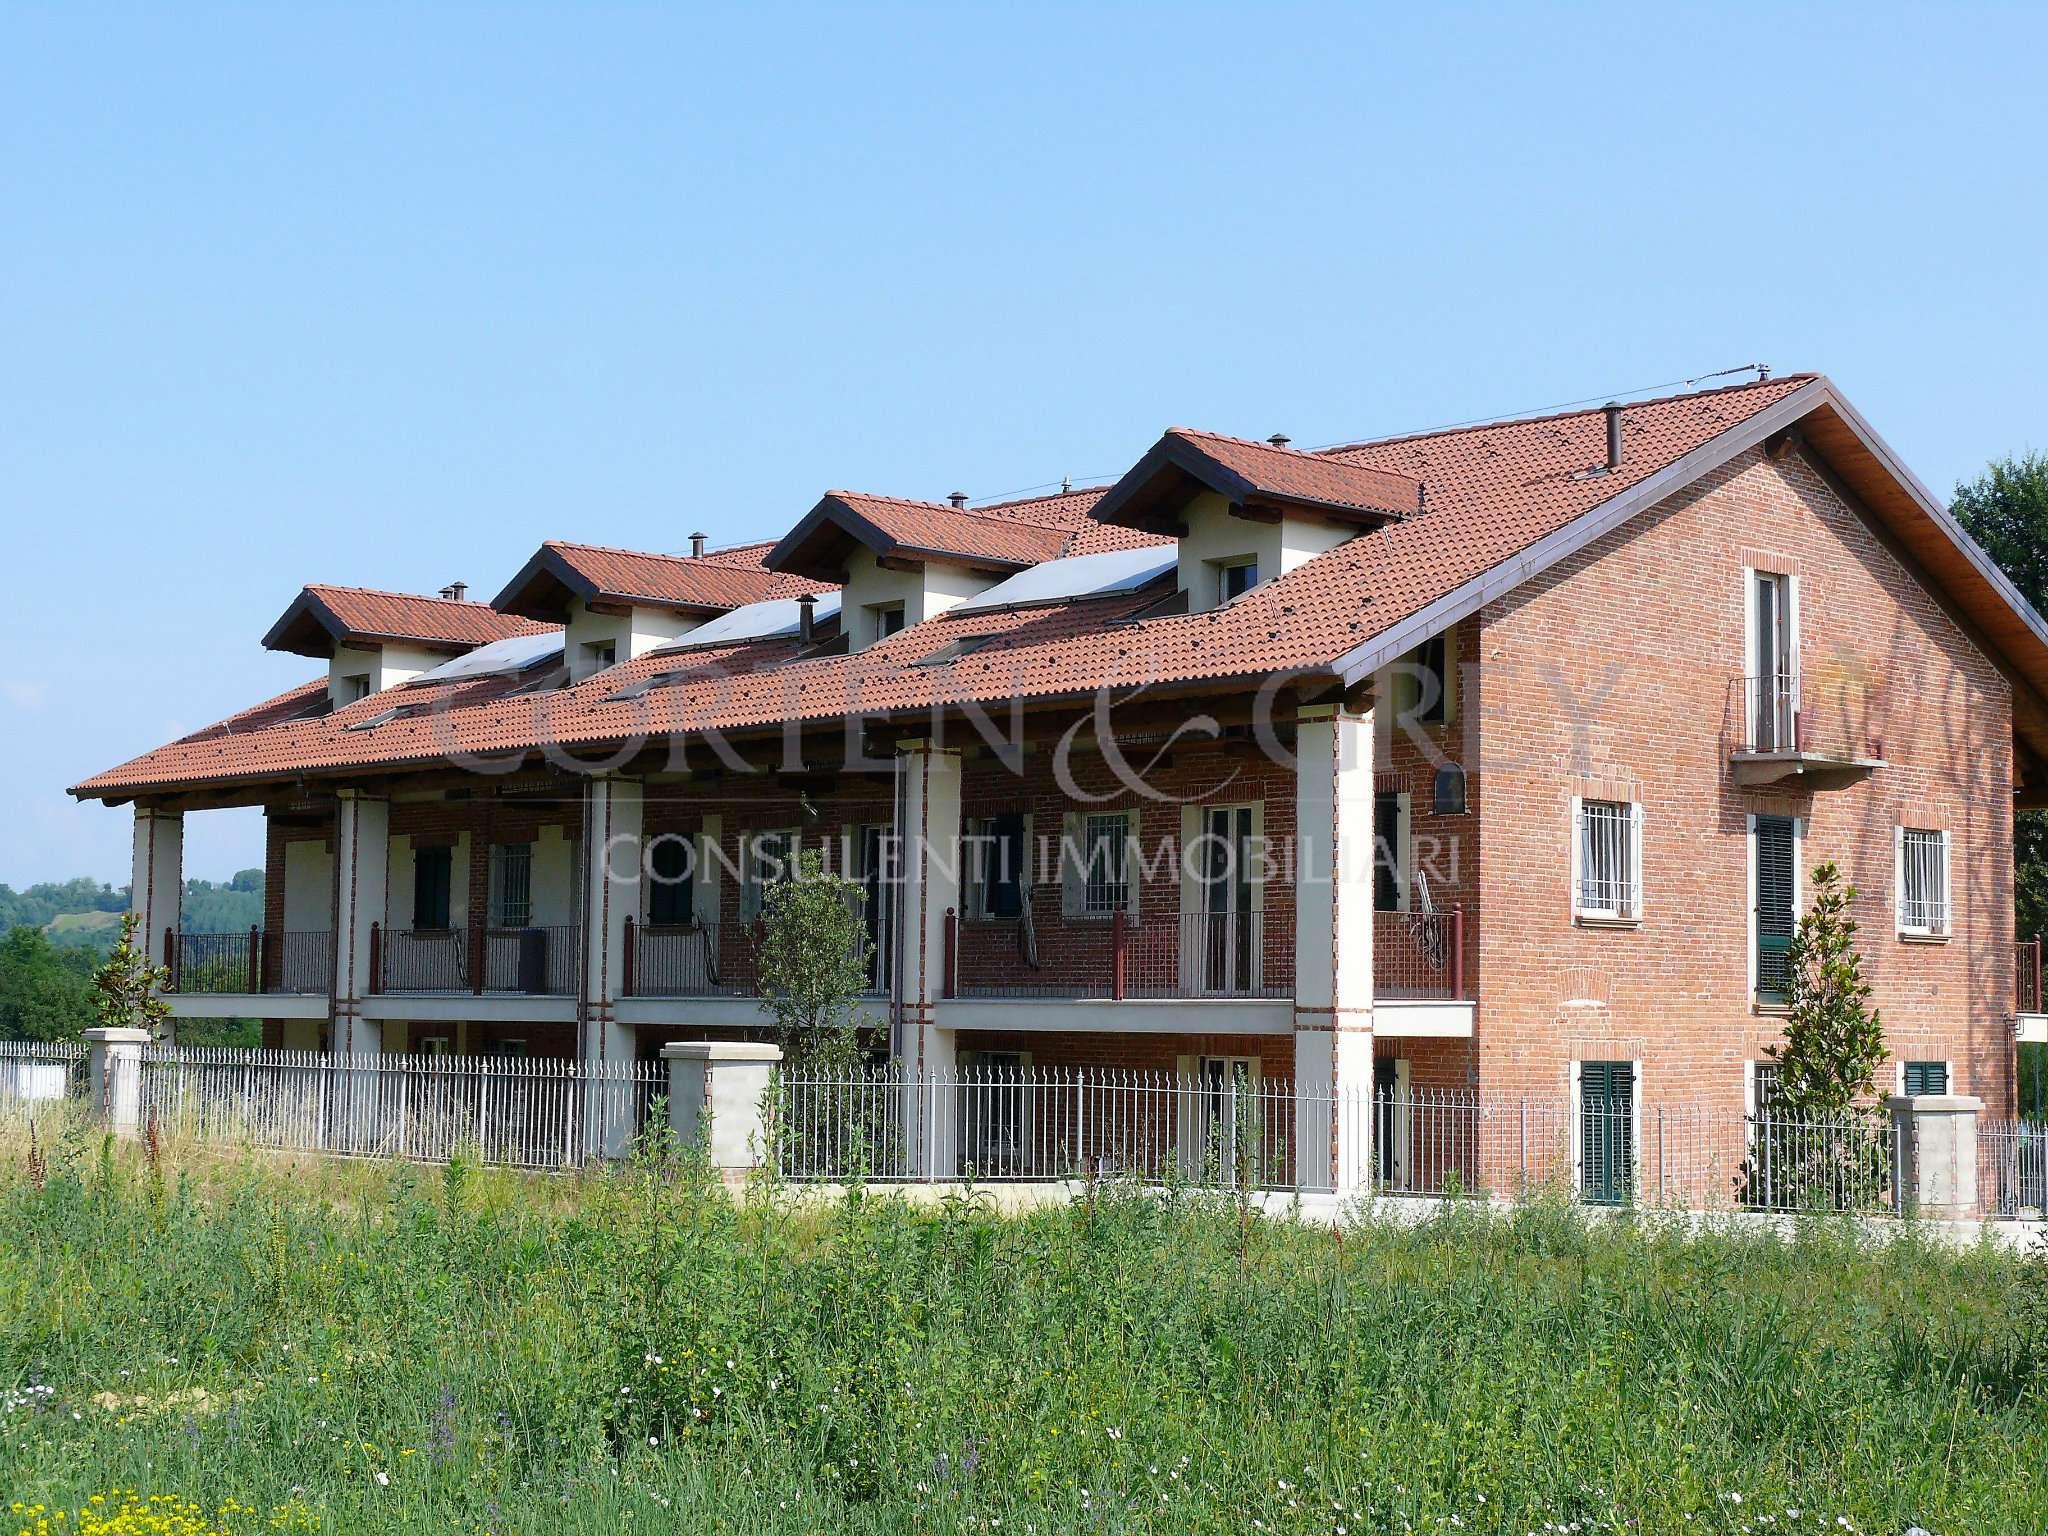 Appartamento in vendita a Sciolze, 4 locali, prezzo € 240.000 | CambioCasa.it